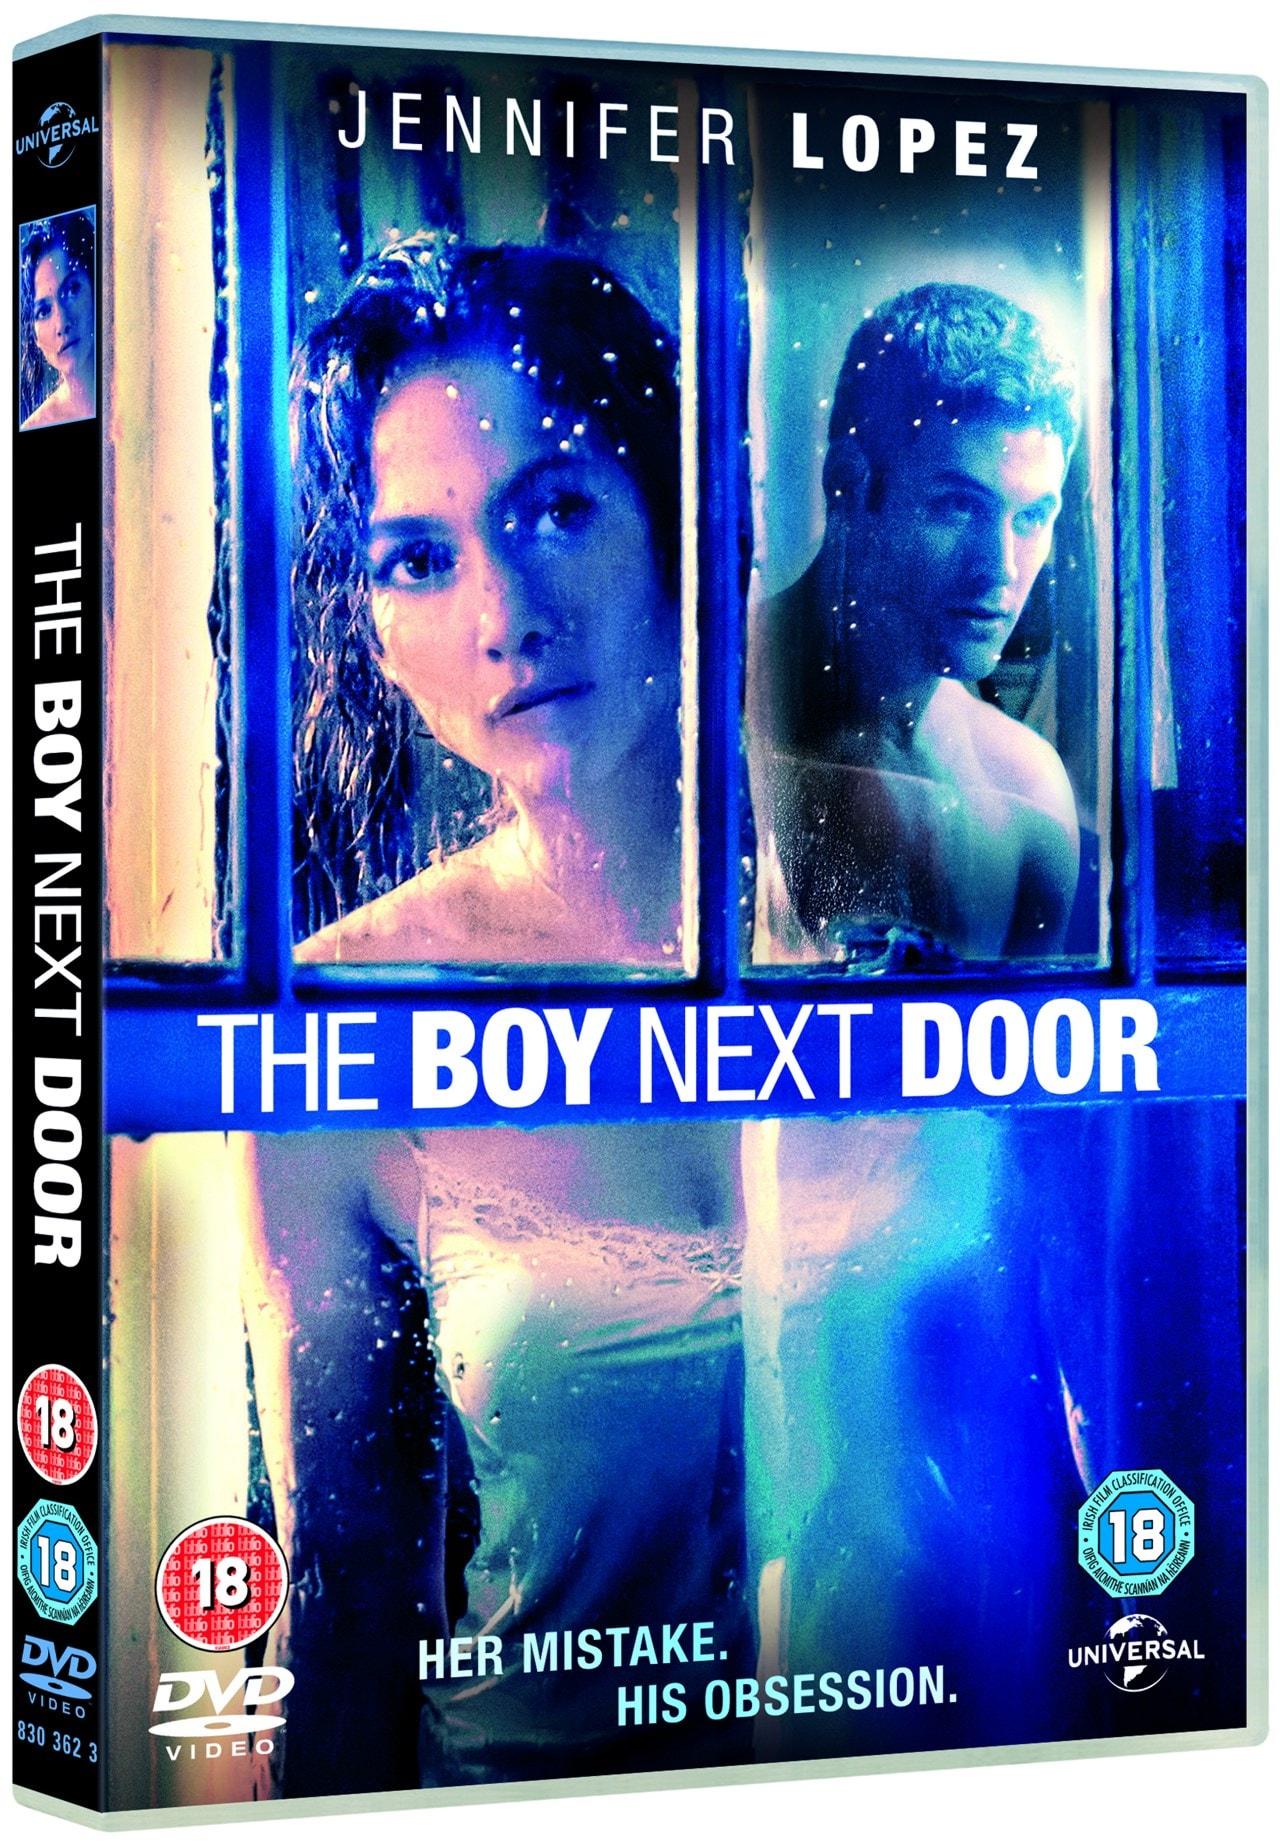 The Boy Next Door - 2